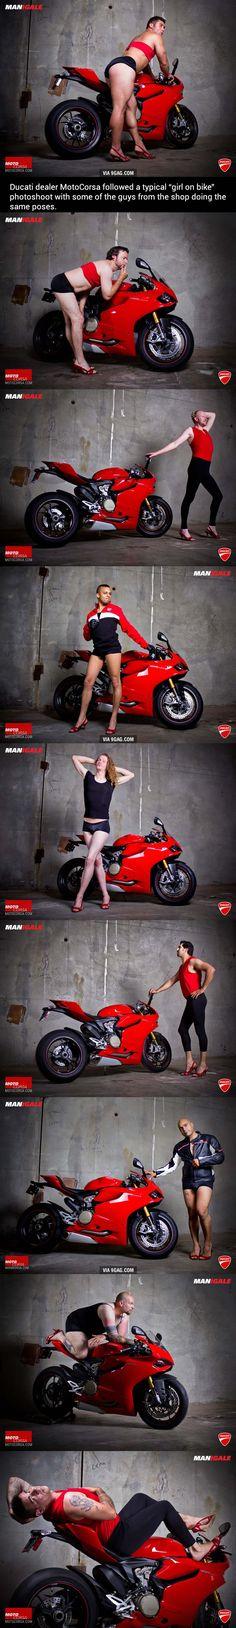 kampania #Ducati - mężczyźni w typowo kobiecych reklamowych pozach..i strojach ;) #advertising #bike